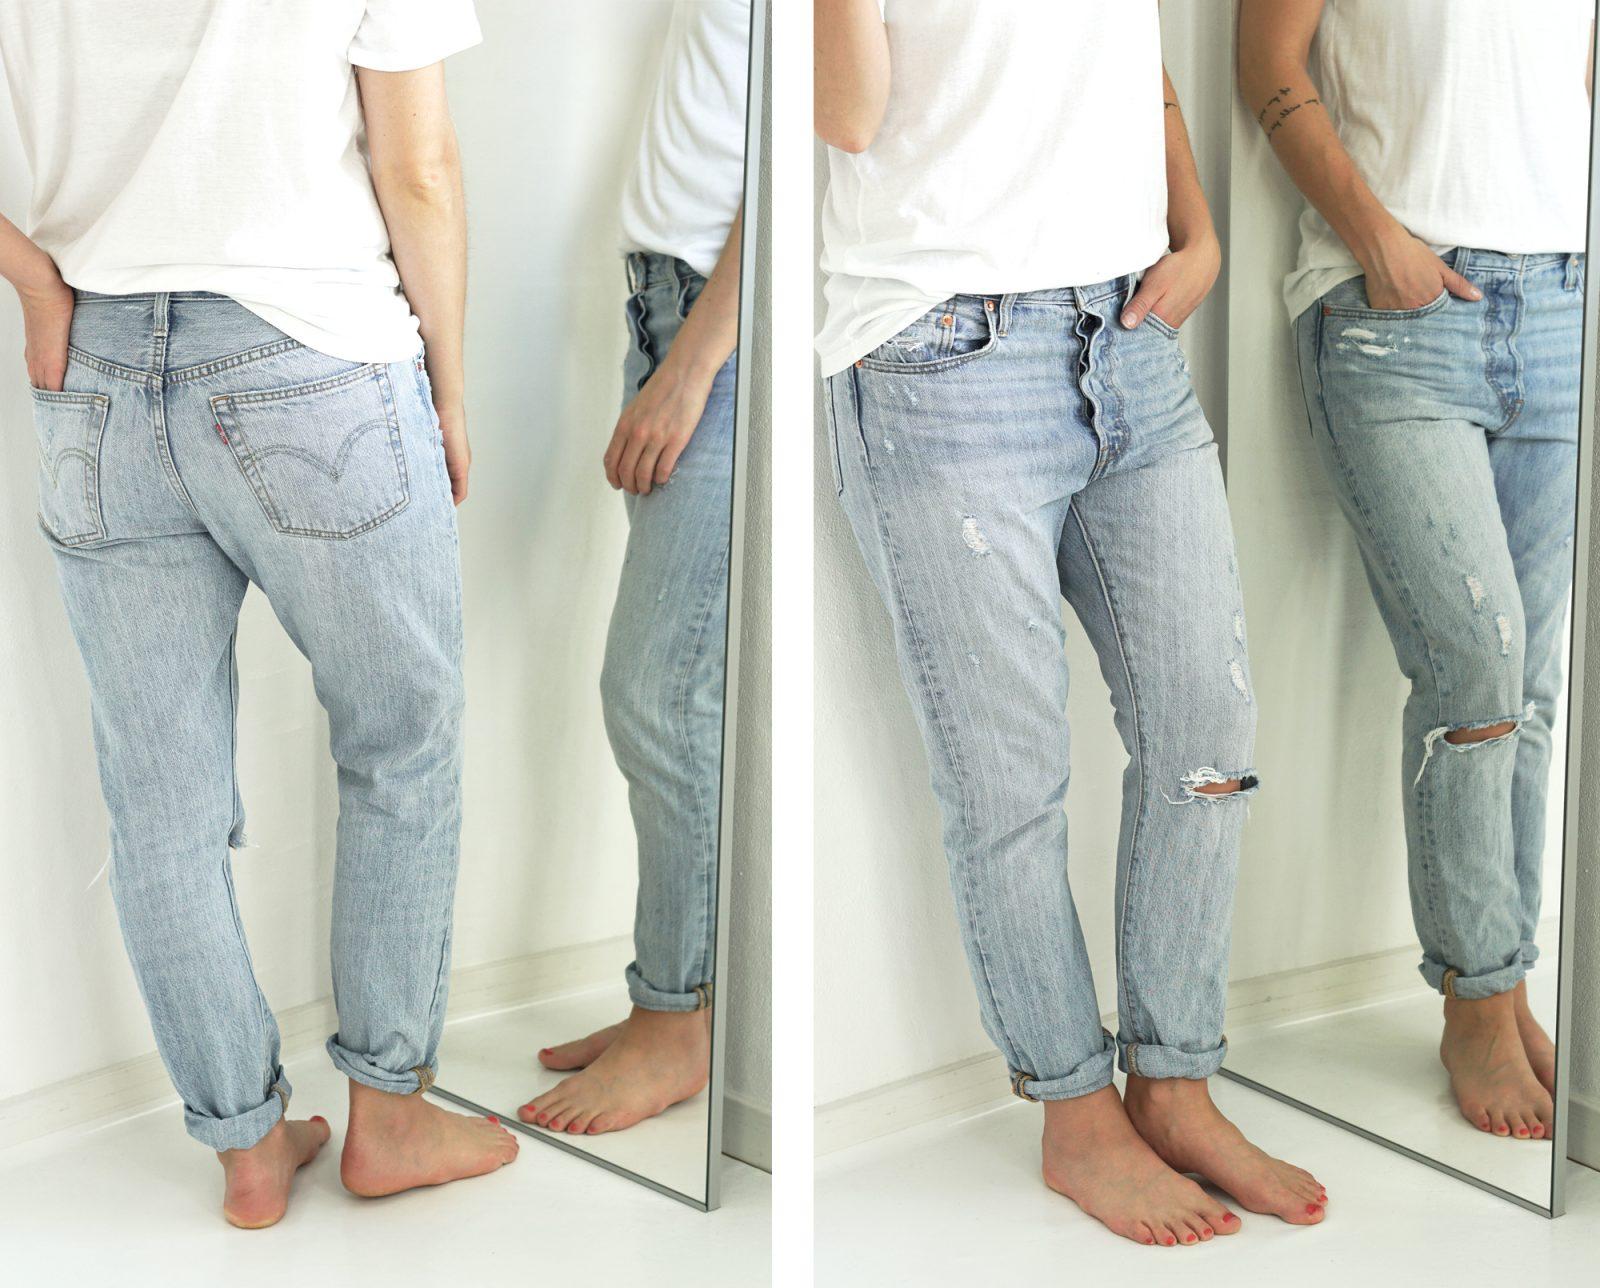 sorte jeans med huller